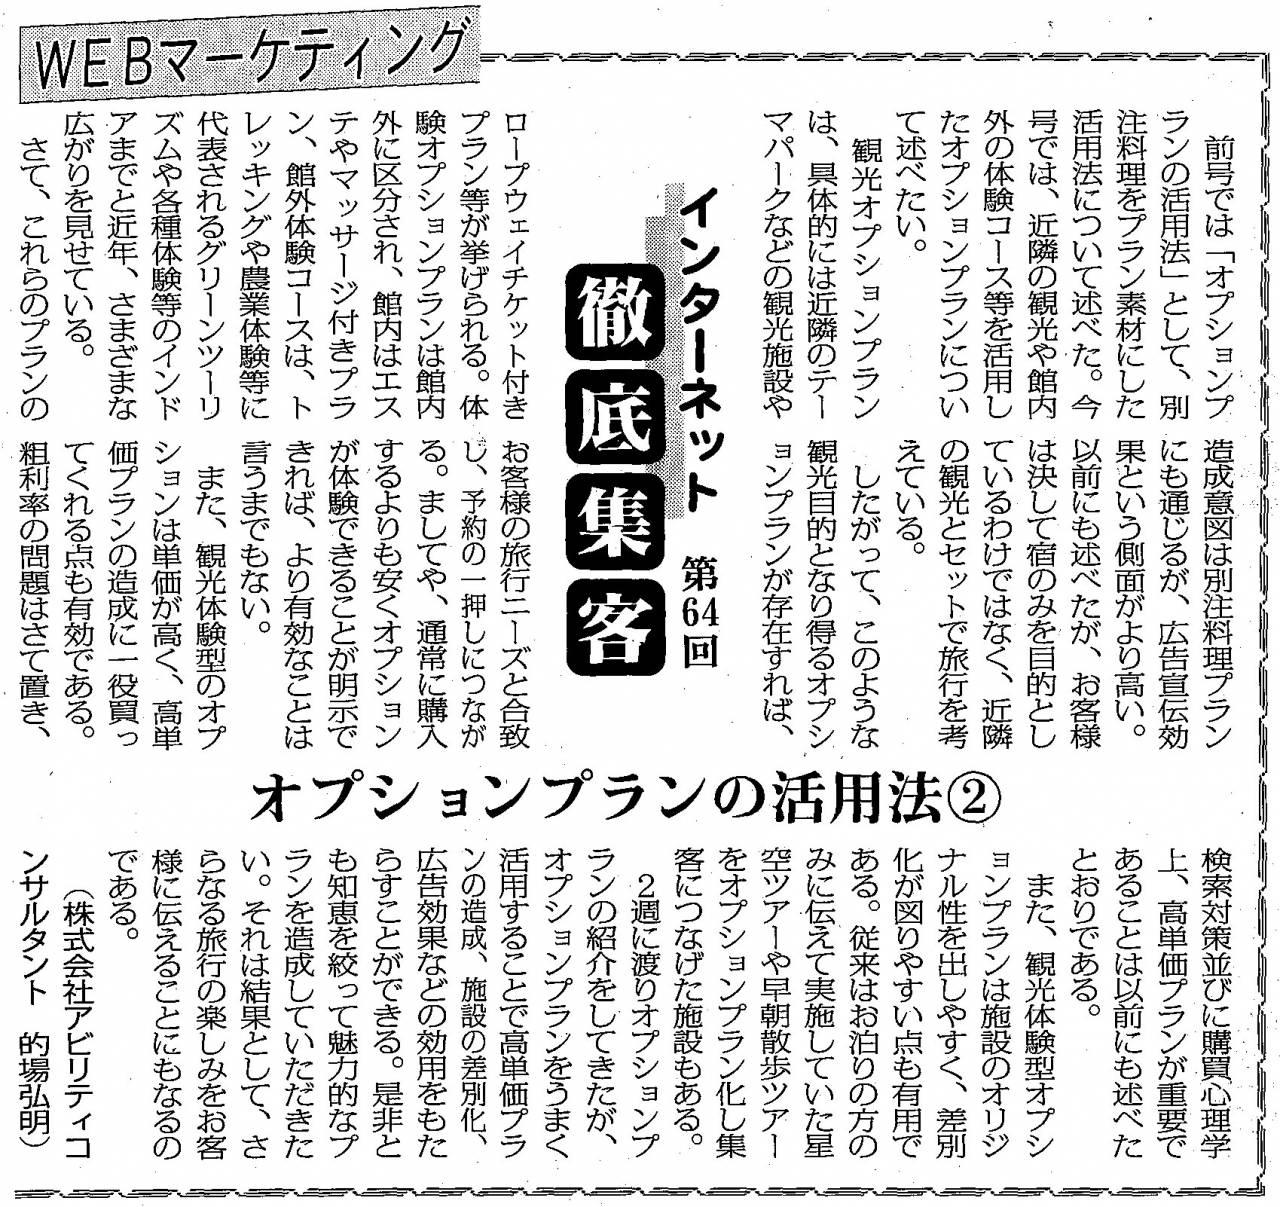 【第64回】WEBマーケティング オプションプランの活用法2